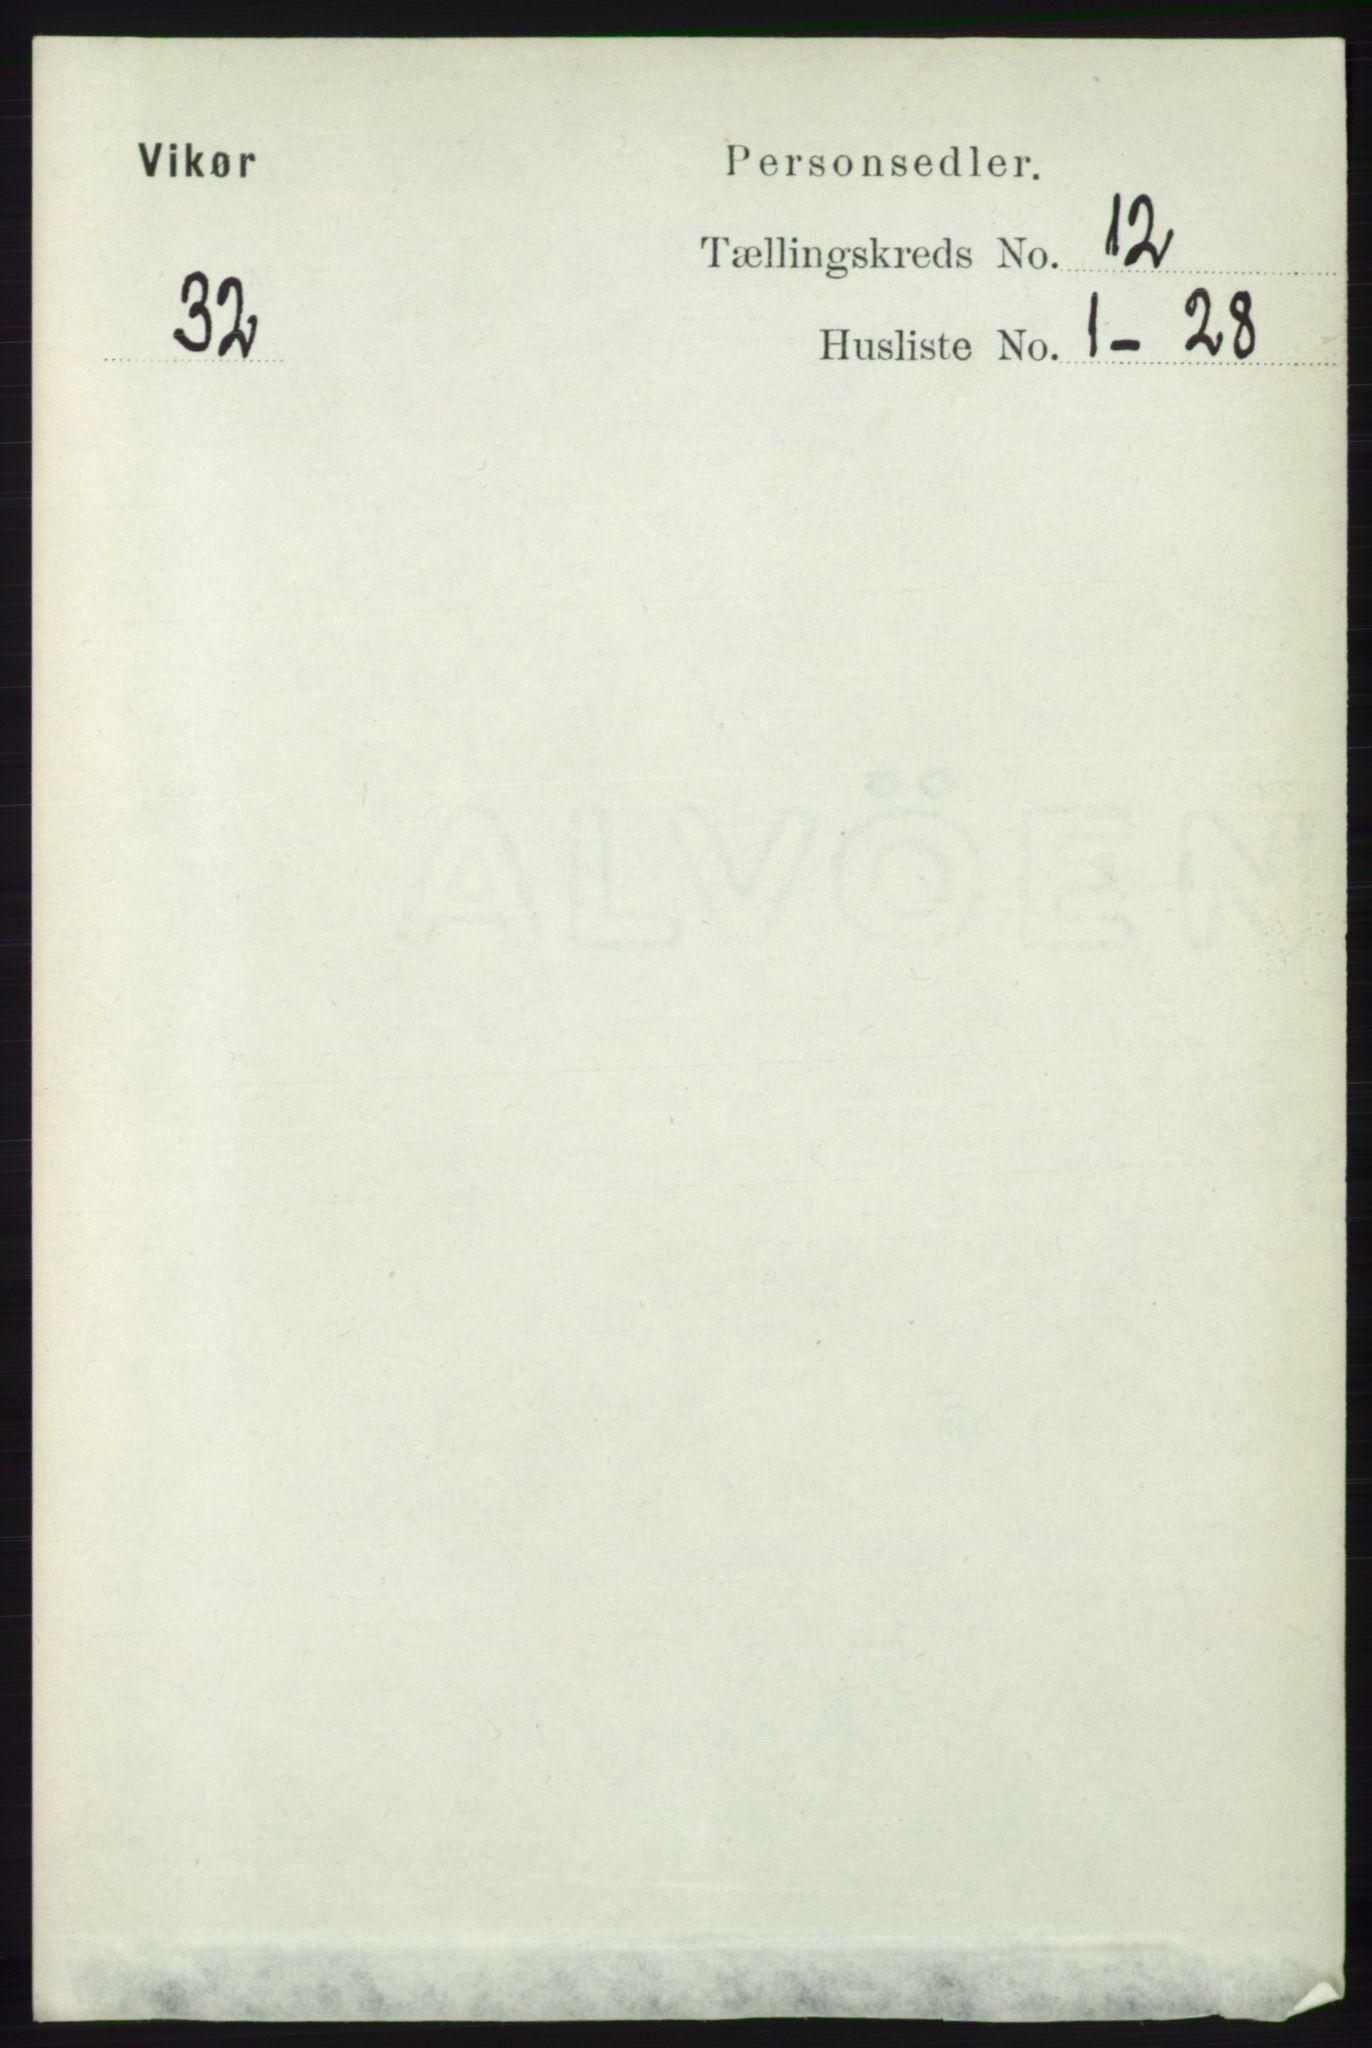 RA, Folketelling 1891 for 1238 Vikør herred, 1891, s. 3307